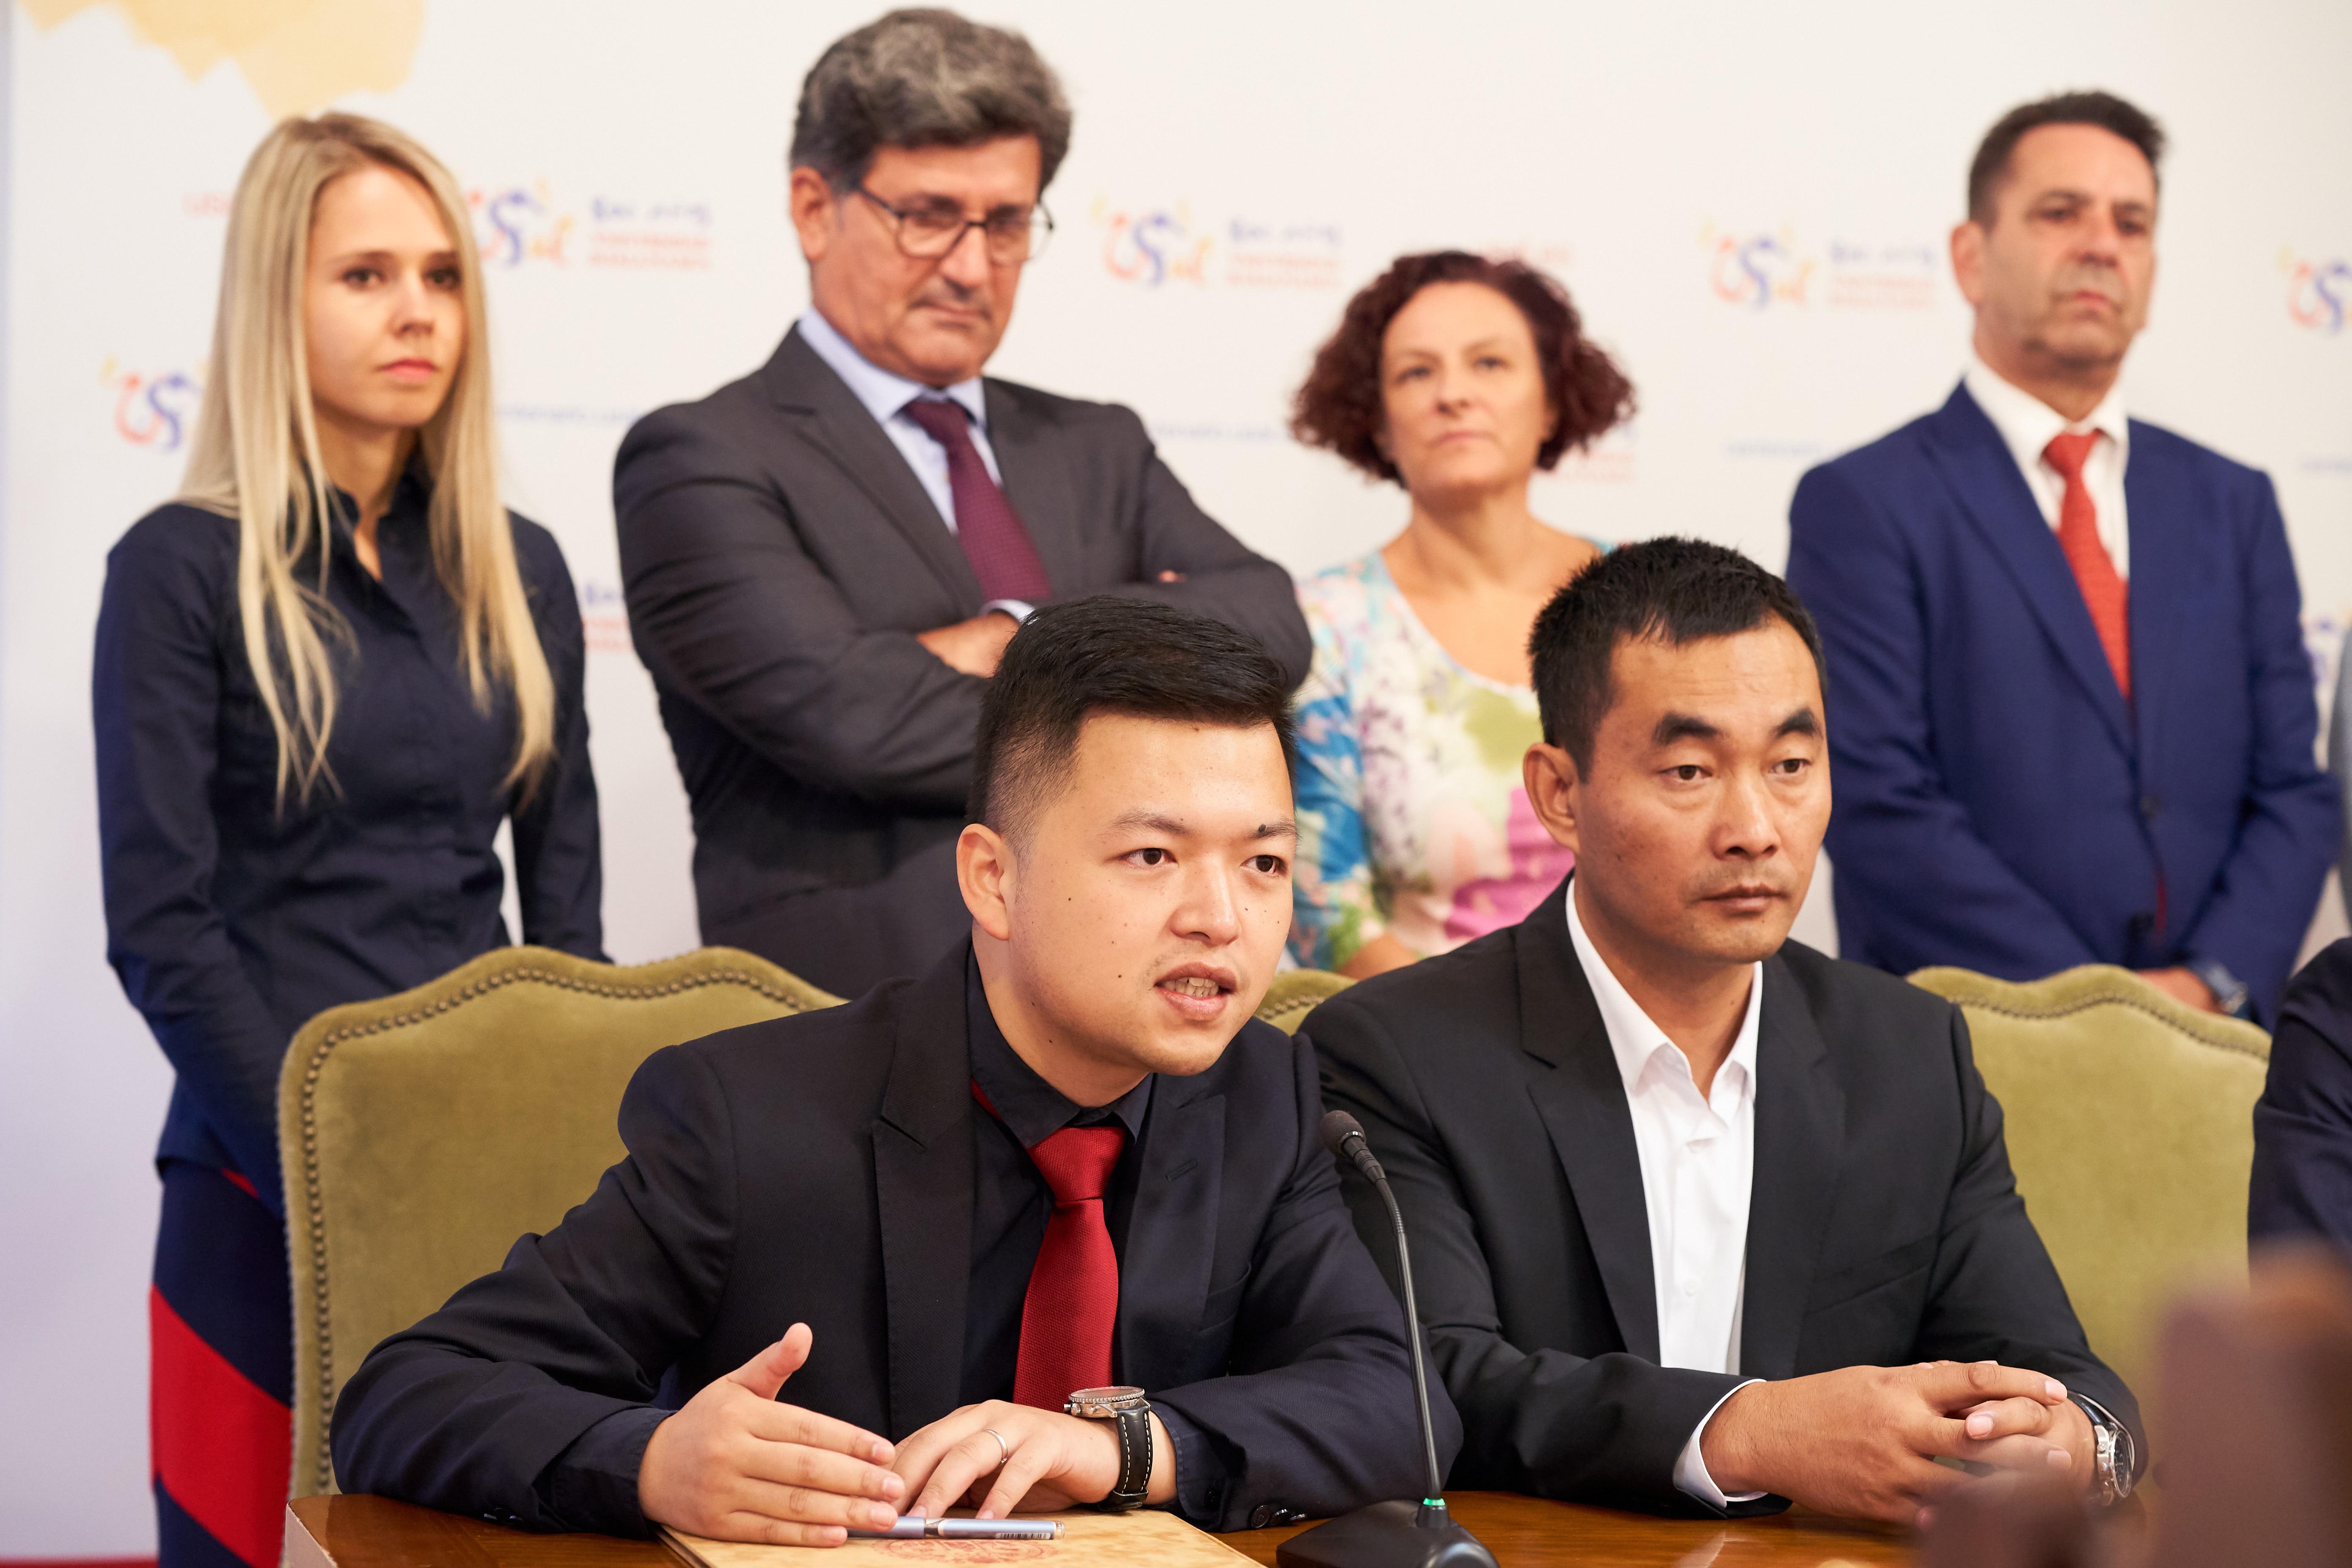 La Universidad de Salamanca abrirá en China 51 escuelas de Lengua Española en 10 años